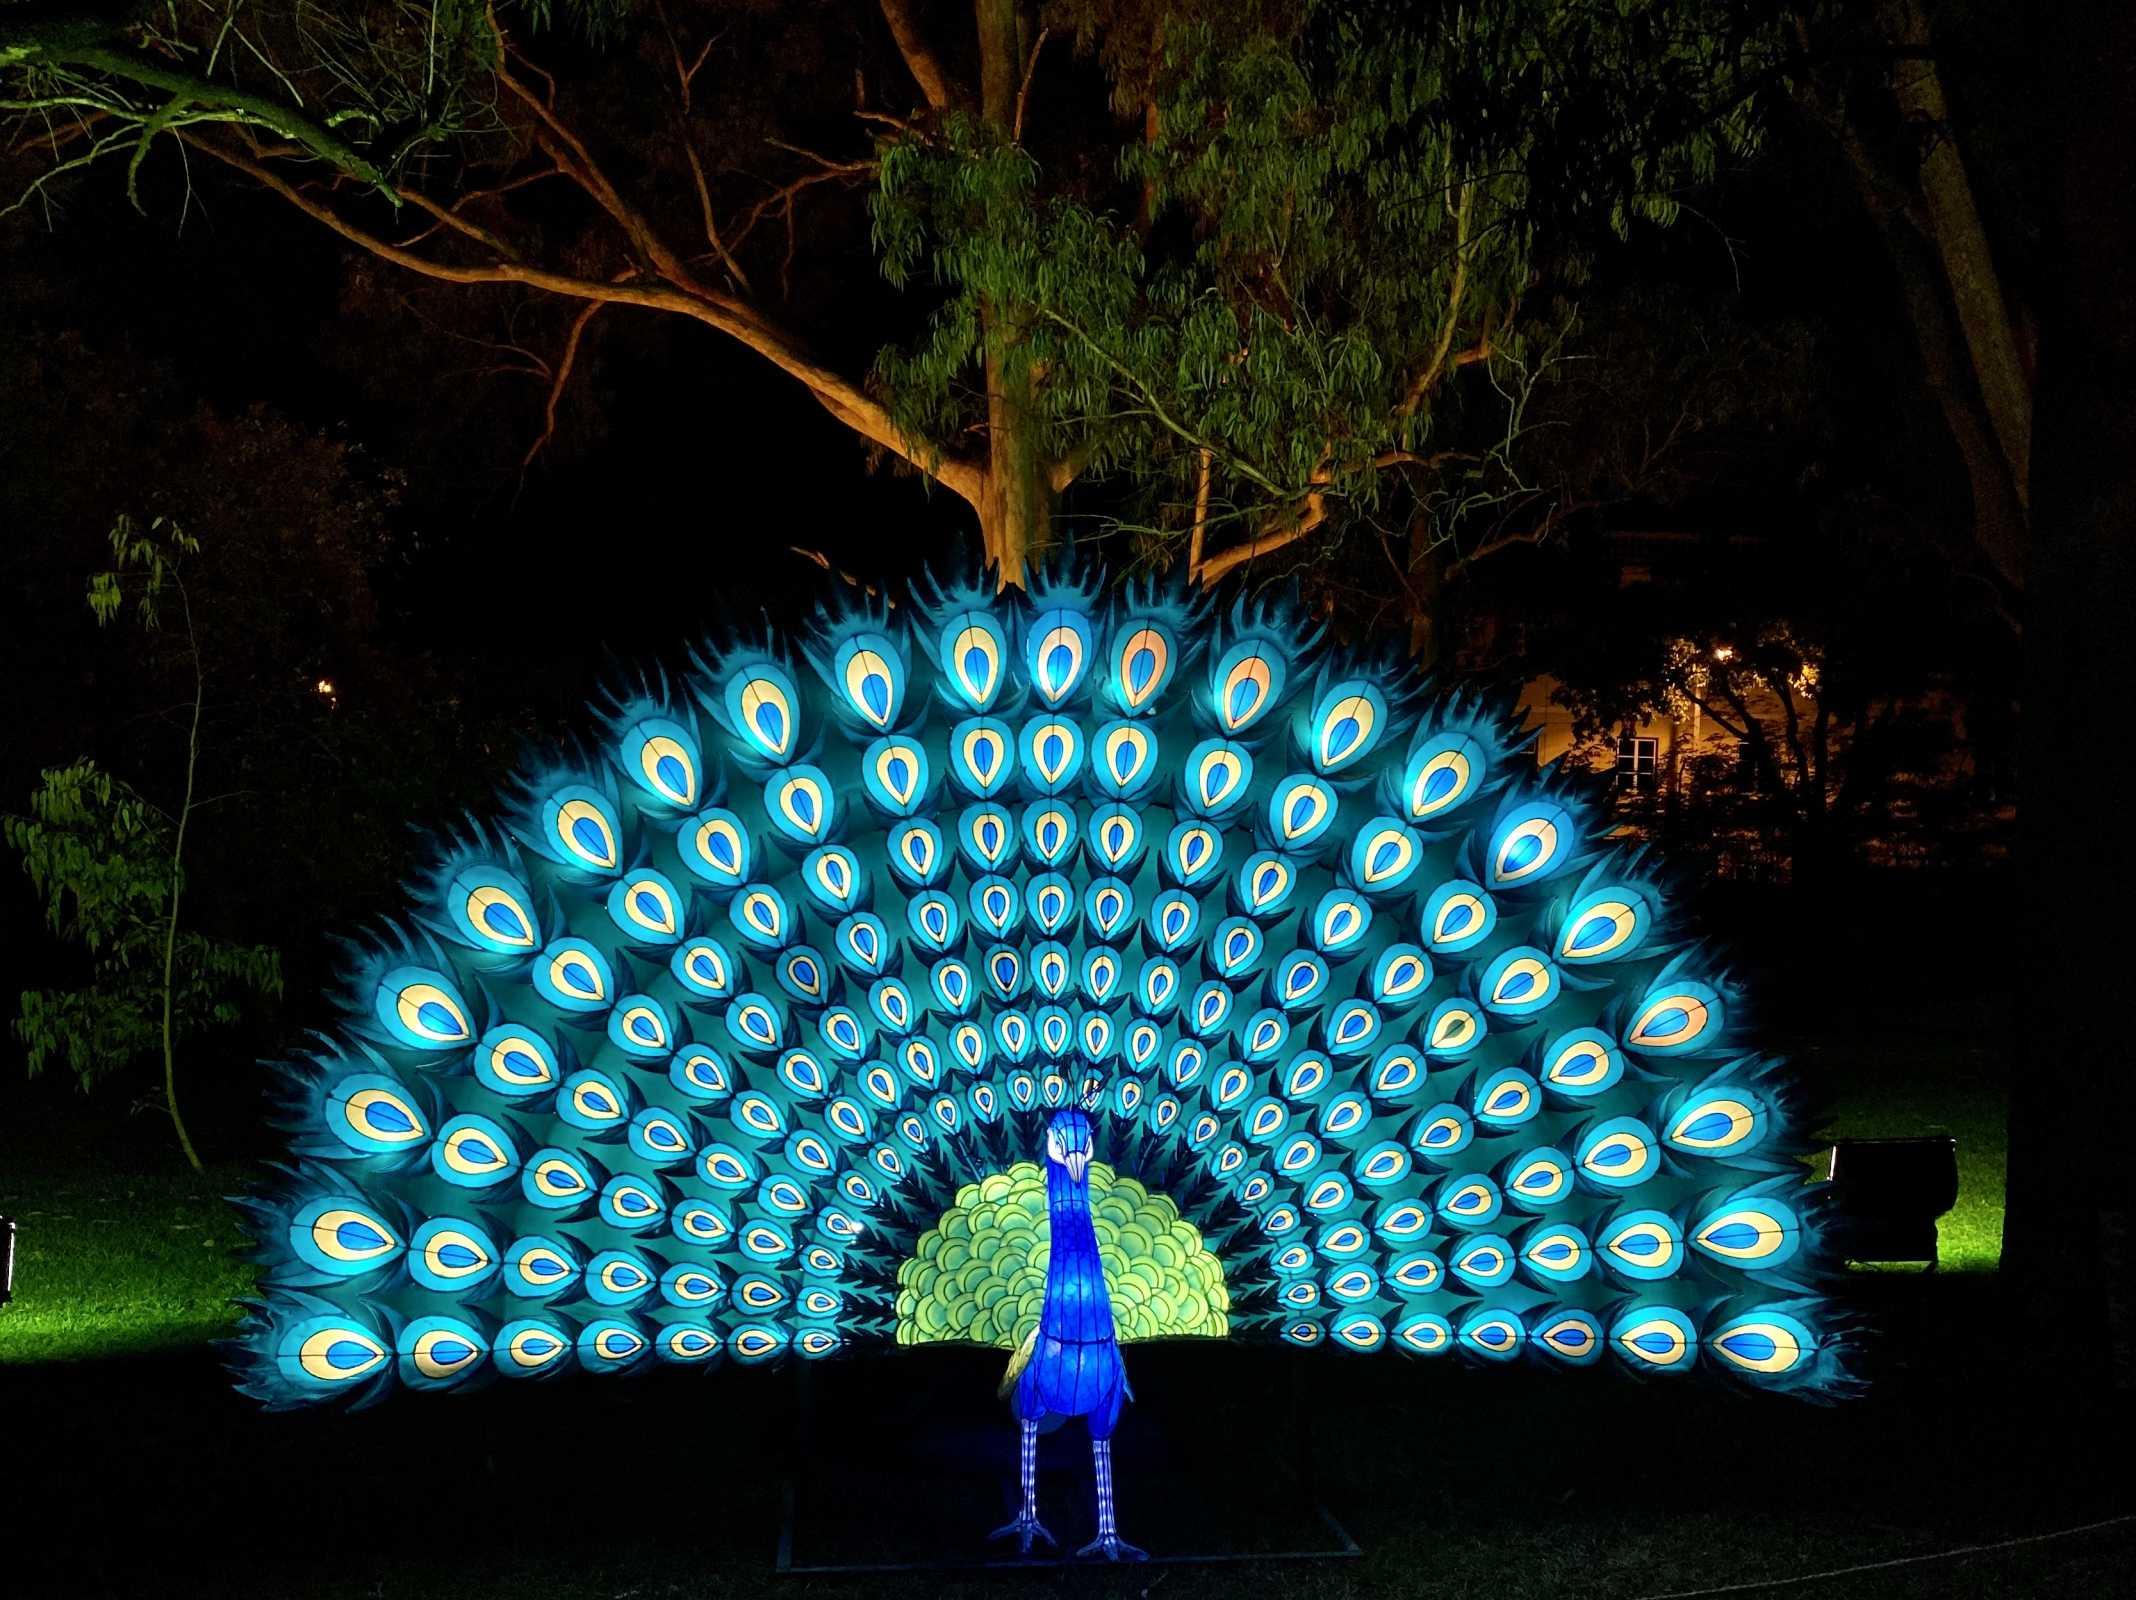 evento luzes belem